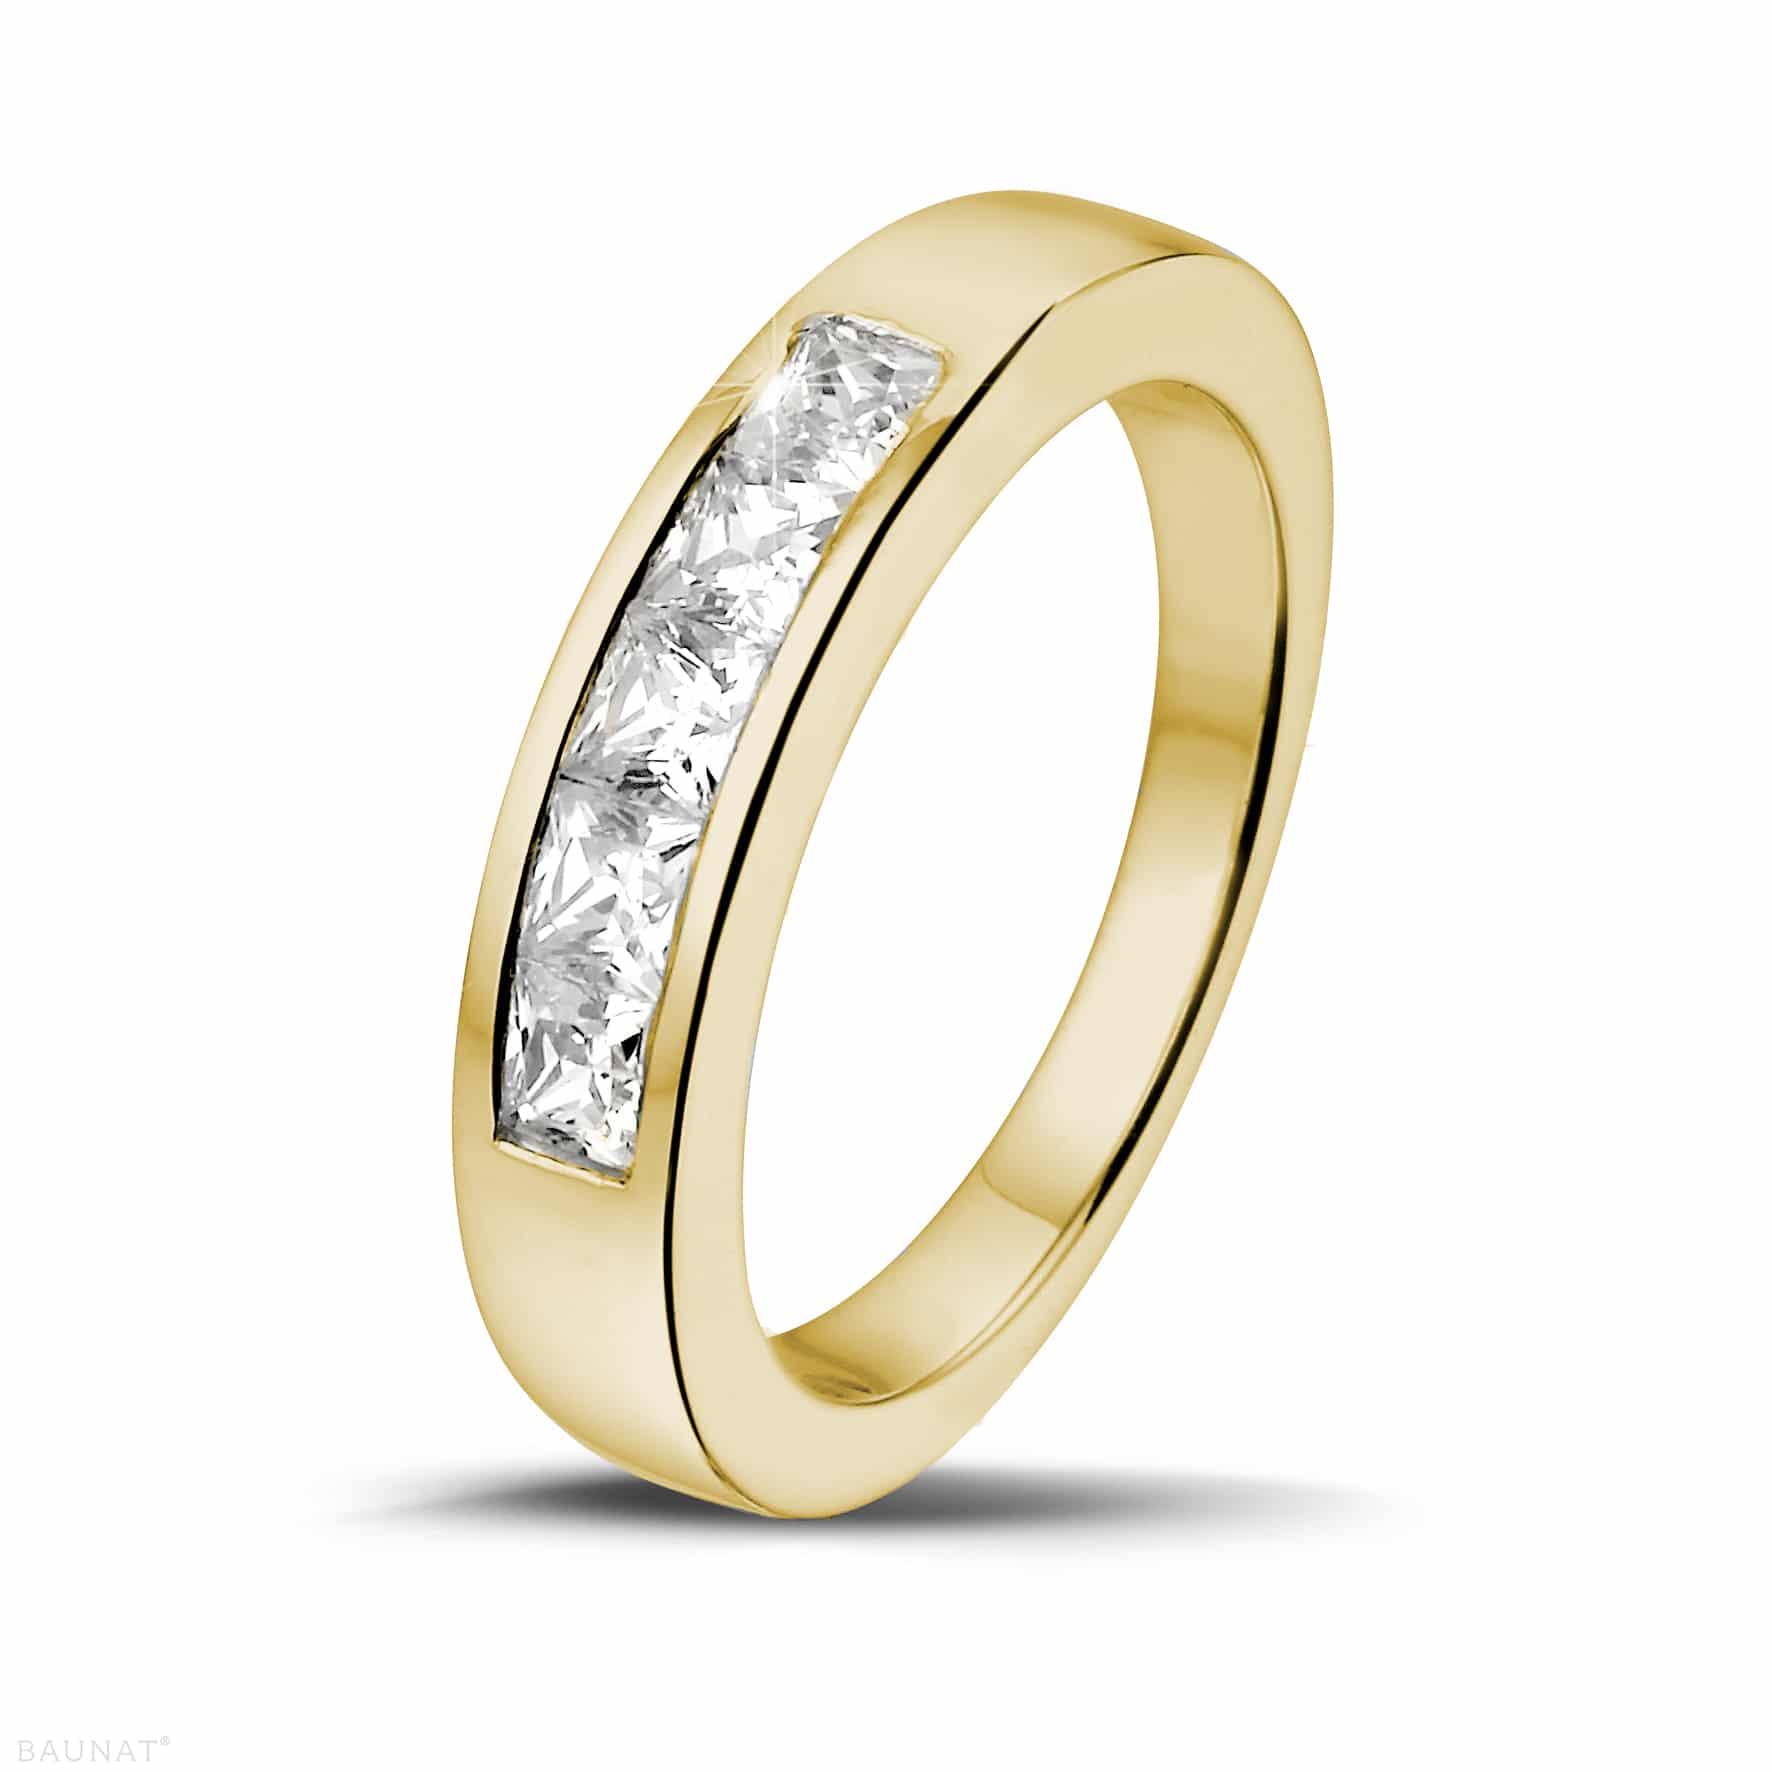 Du diamant sur la bague de fiançailles – Blogueuse mode & lifestyle